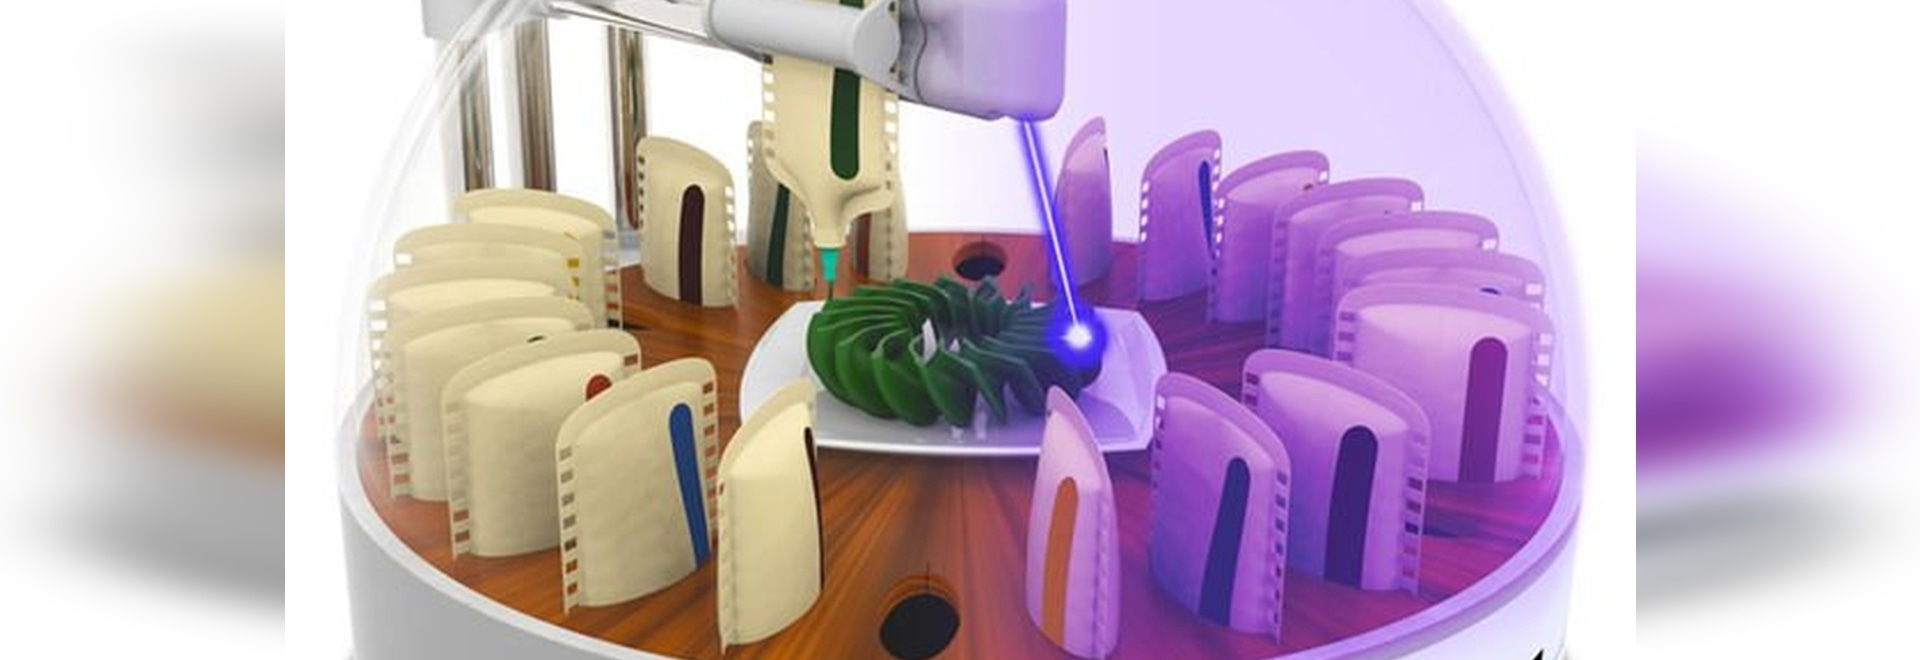 Nahrung des Drucken 3D: Labor stellt Drucker der Nahrung 3D her, der seine Drucke mit einem Laser kocht